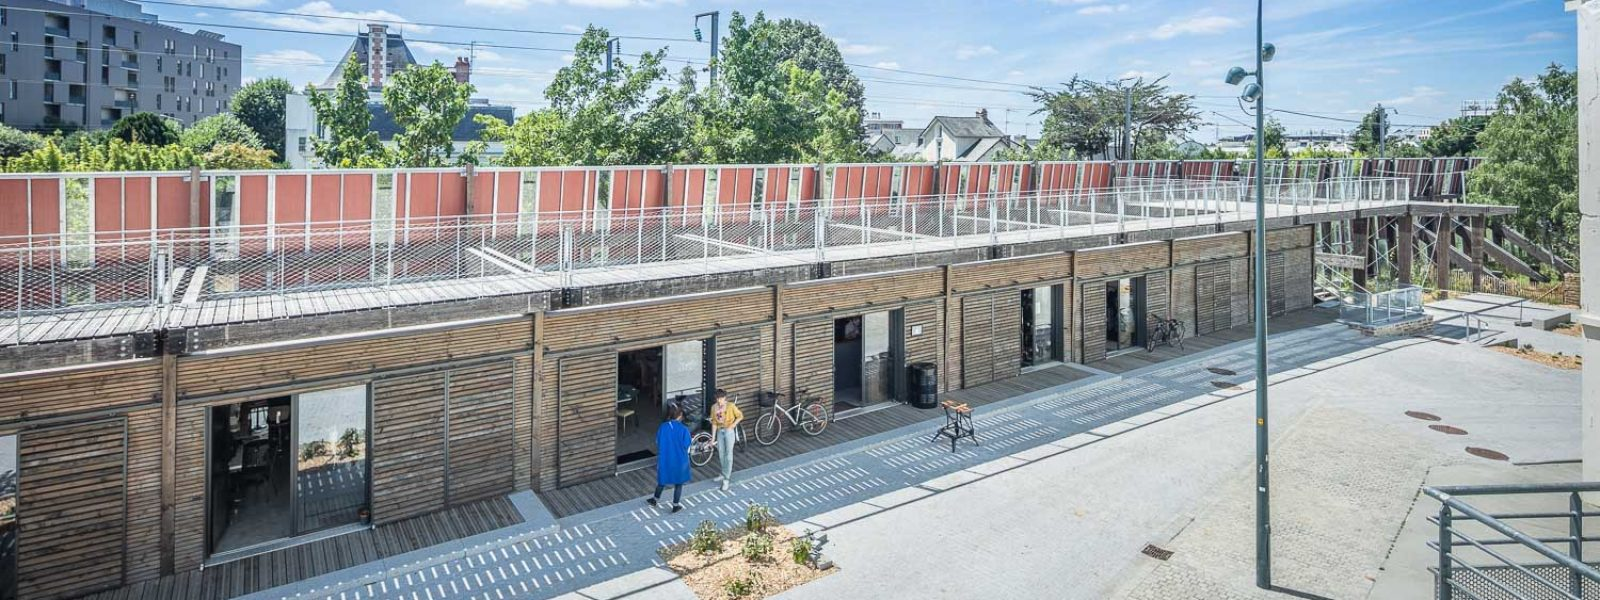 Les ateliers d'artisans du Mur habité à Rennes